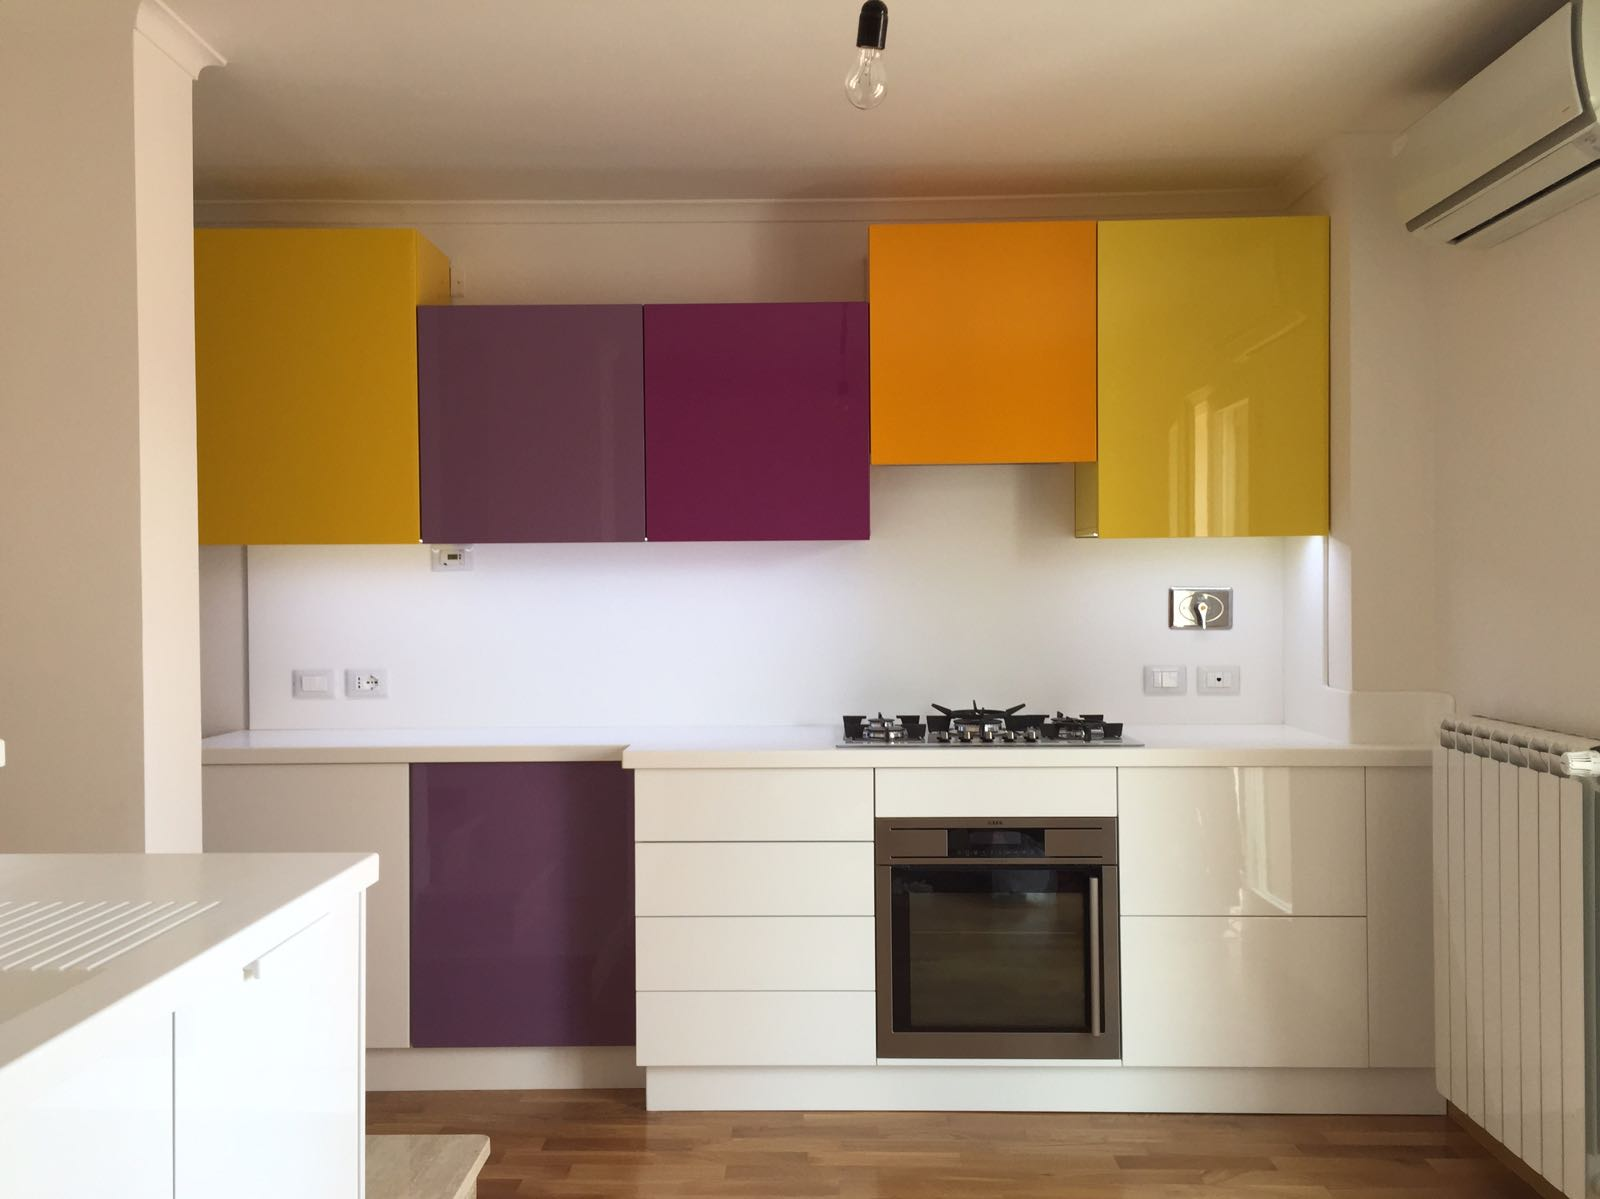 falegnameria cucine moderne su misura firenze